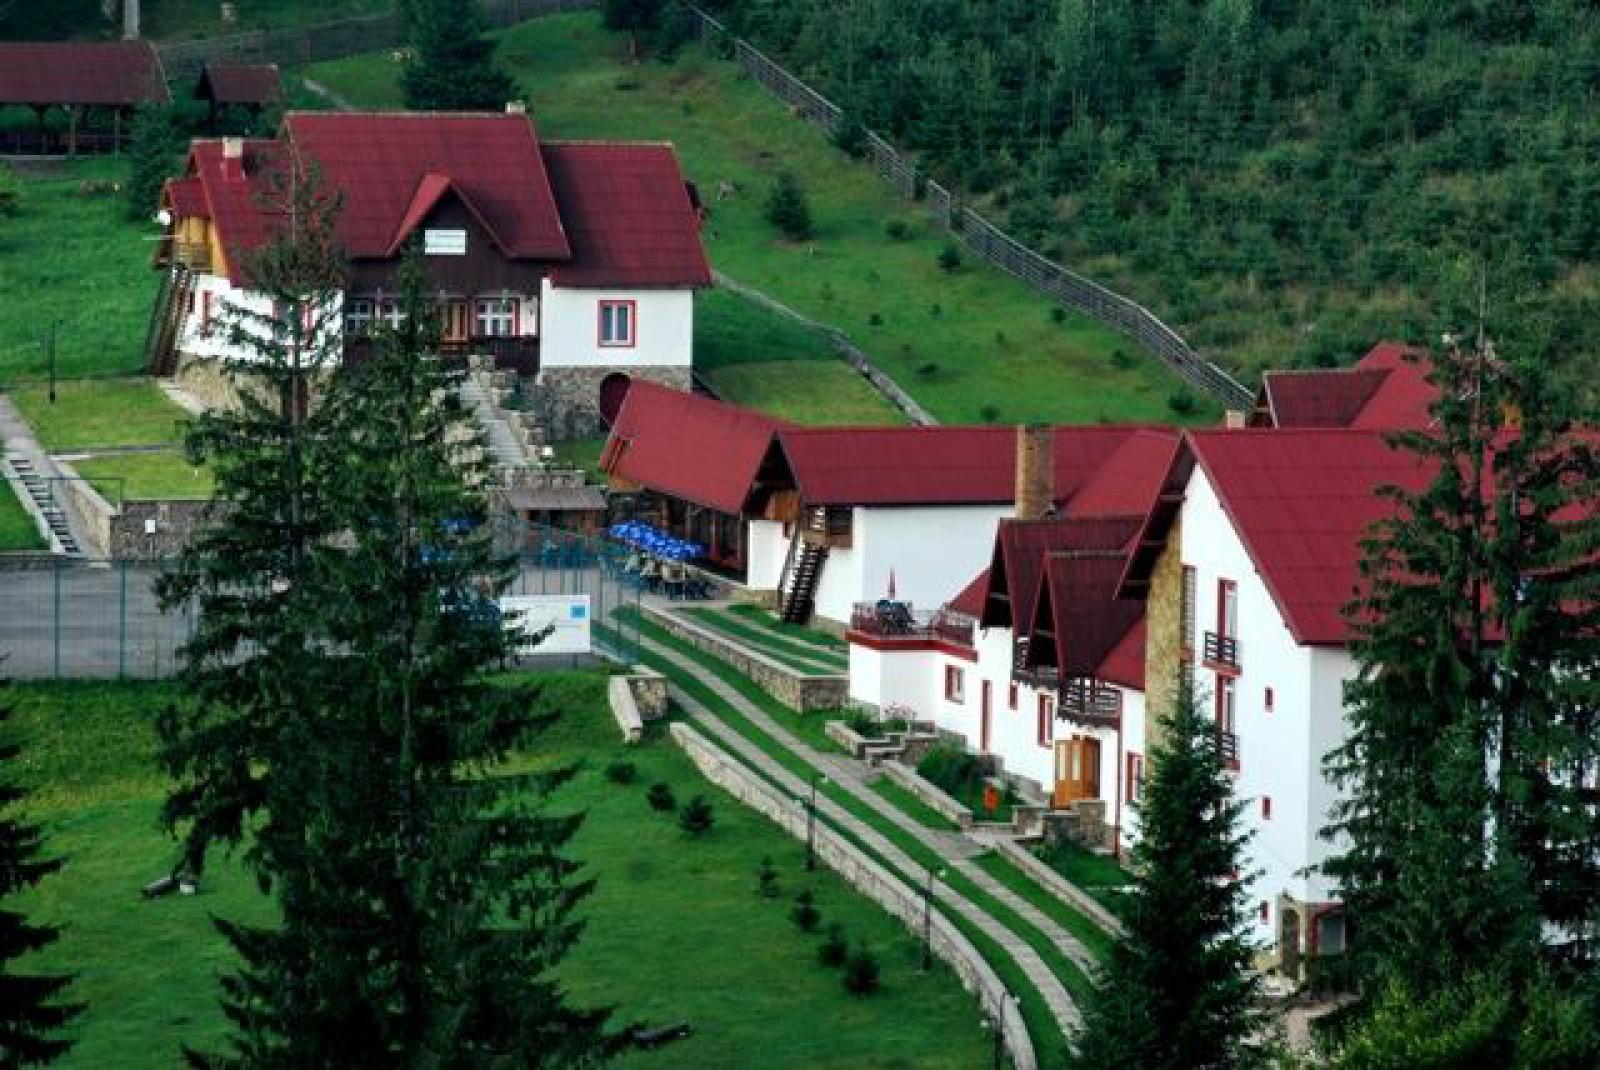 Cum cumnata președintei raionul Rezina și-a cumpărat o vilă în Carpați și în același timp să facă donații PD-ului